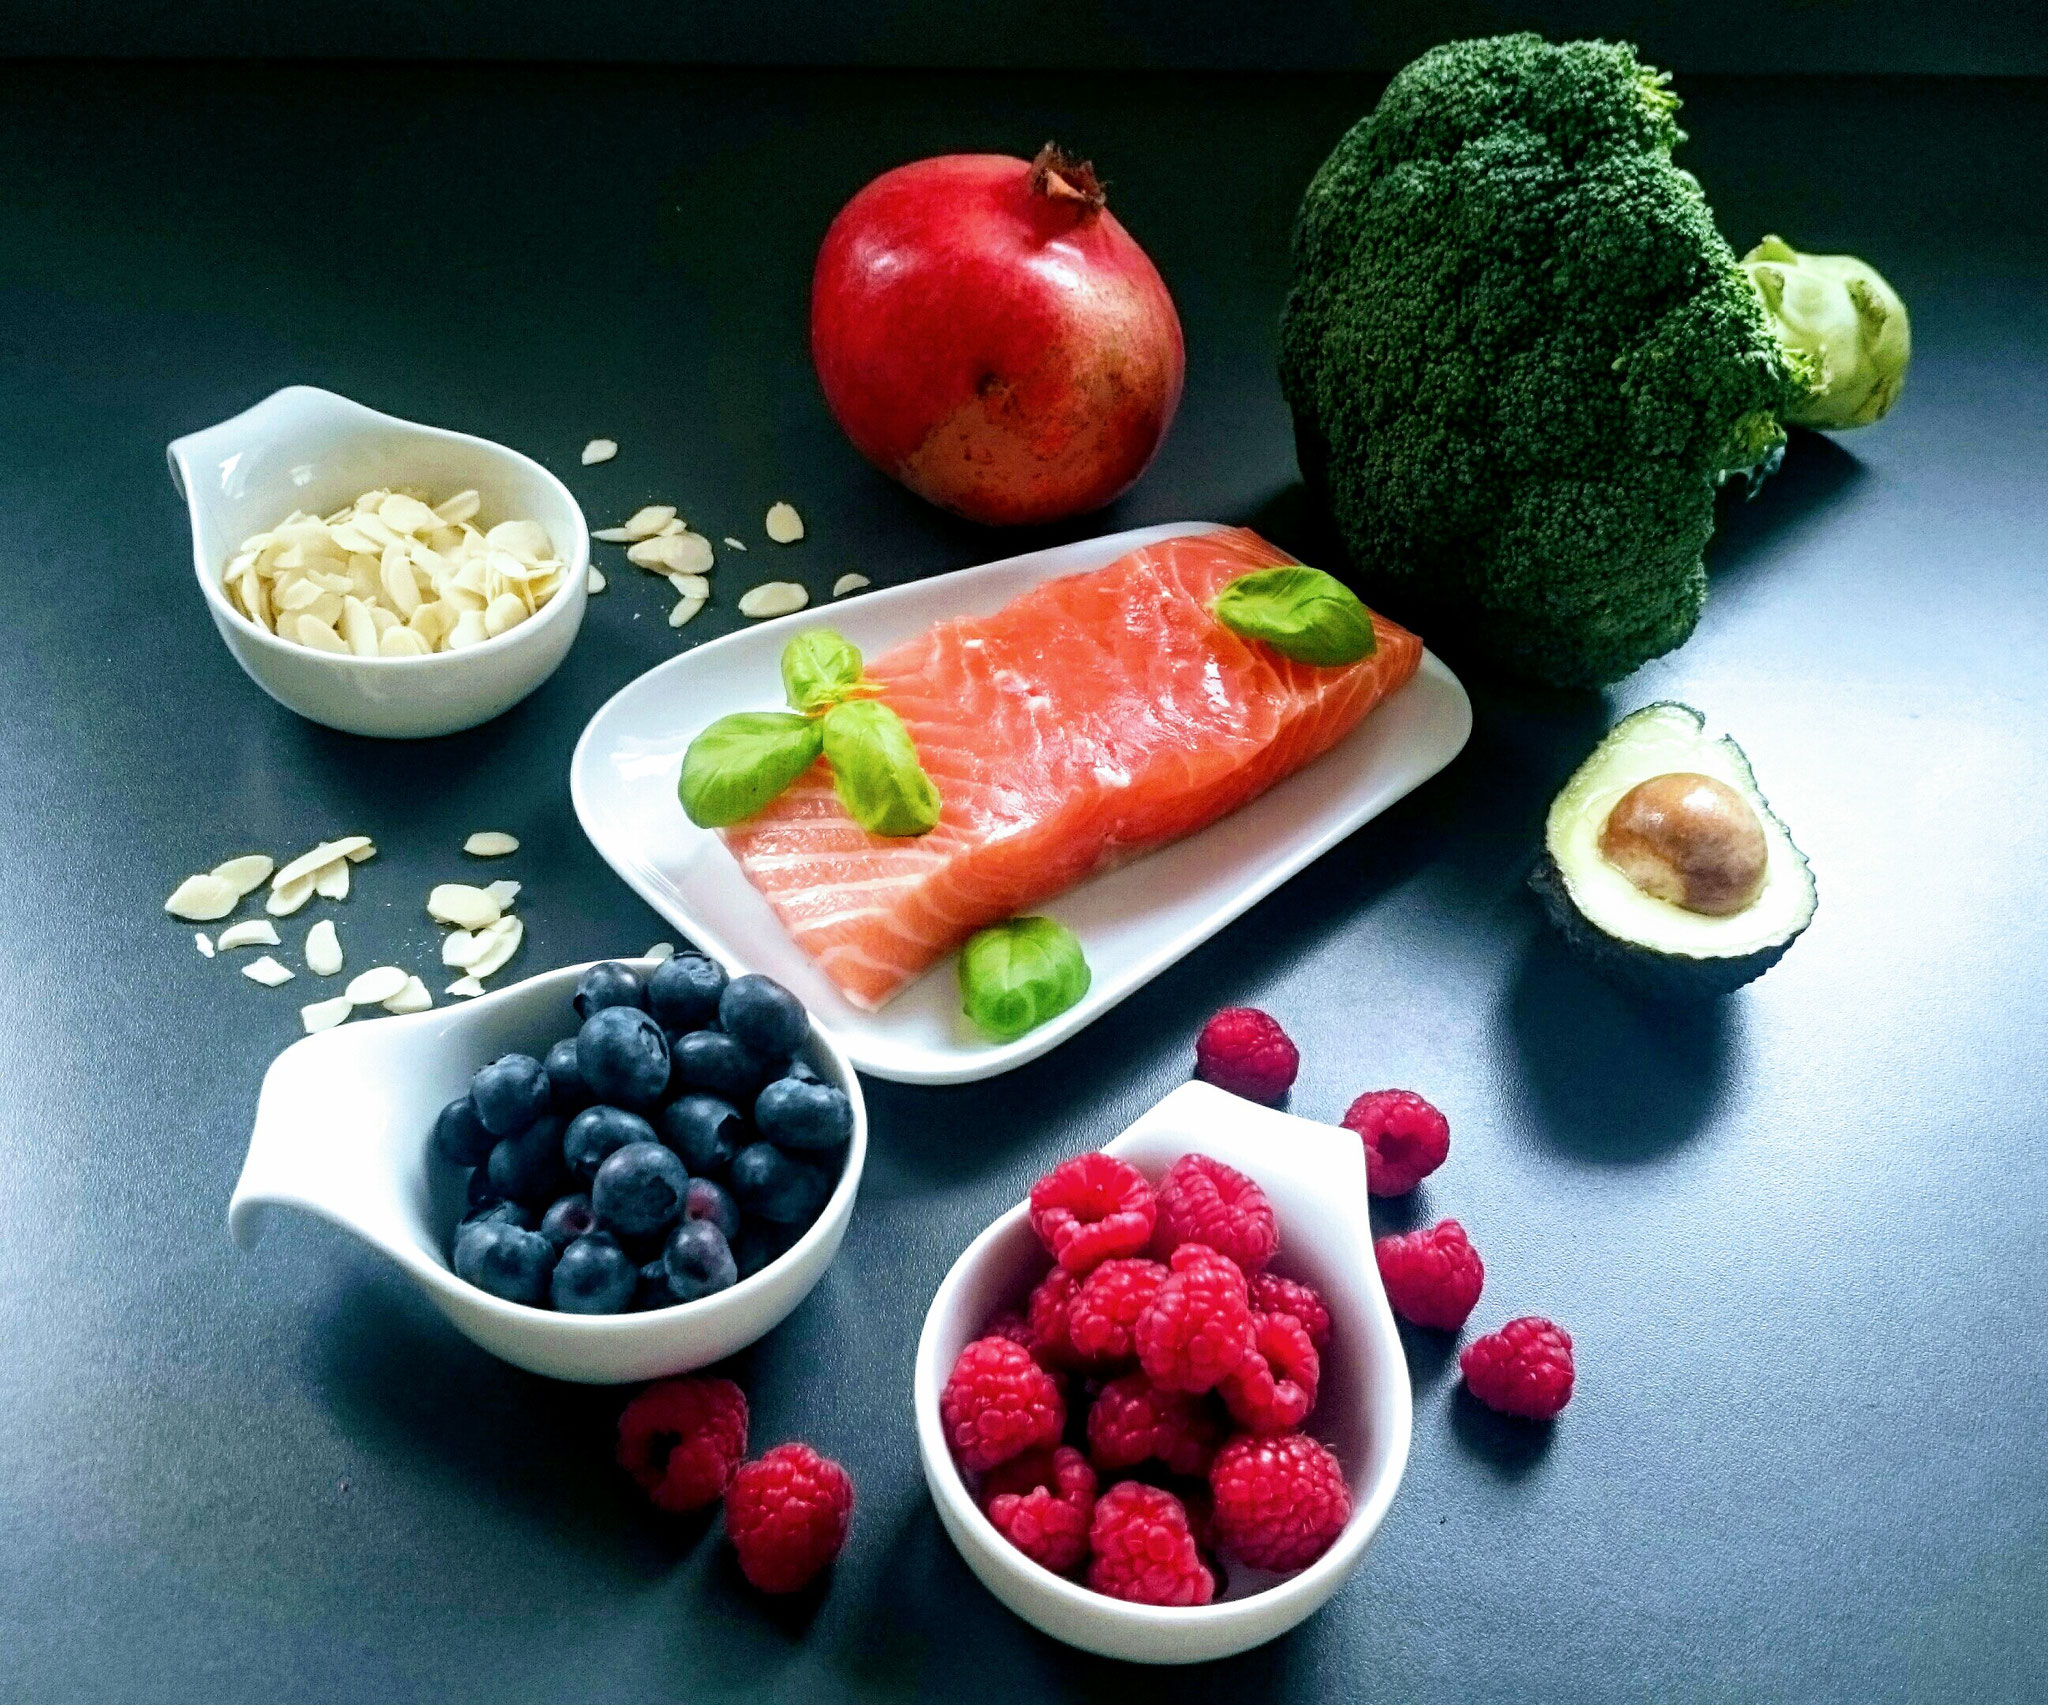 Paleo Ernährungsweise als Baustein für Gesundheit, Fitness und Wohlfühlgewicht.